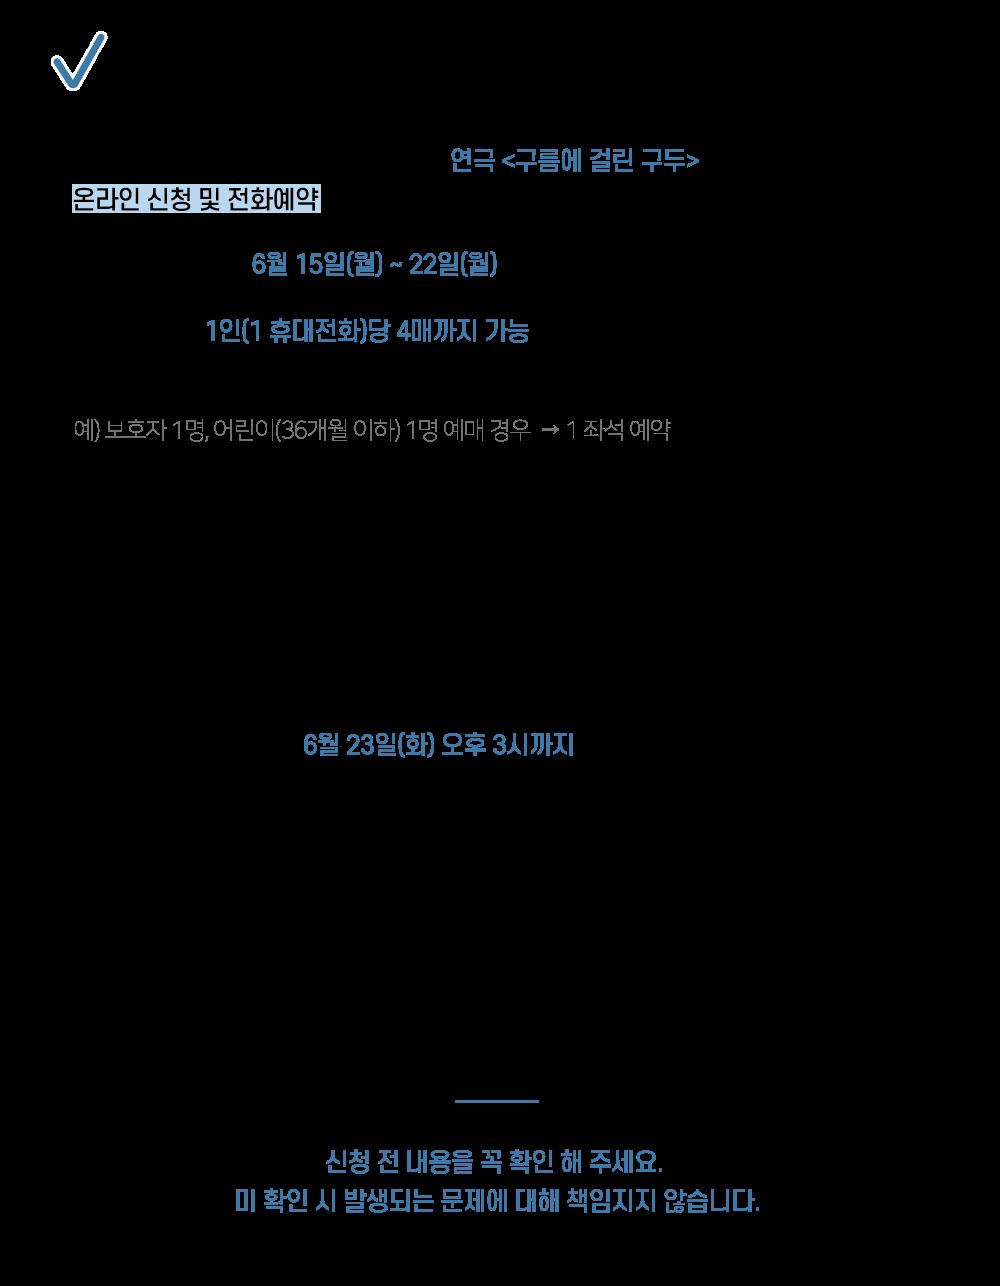 홈페이지_안내(신청_공연신청안내)2.png